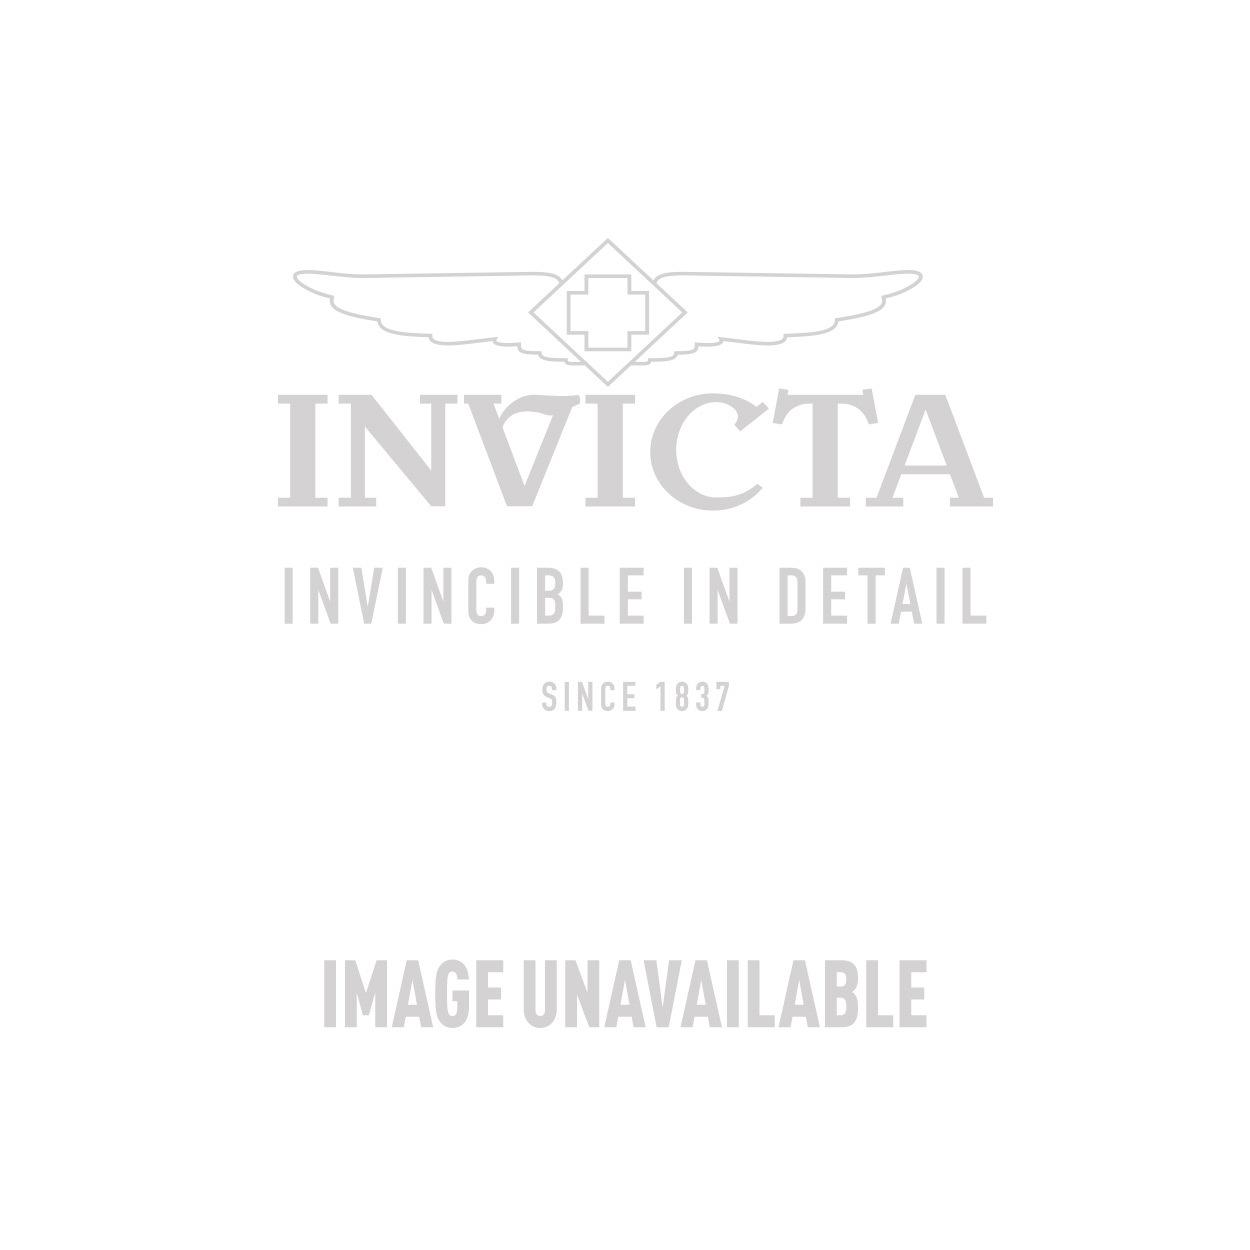 Invicta Model 28367